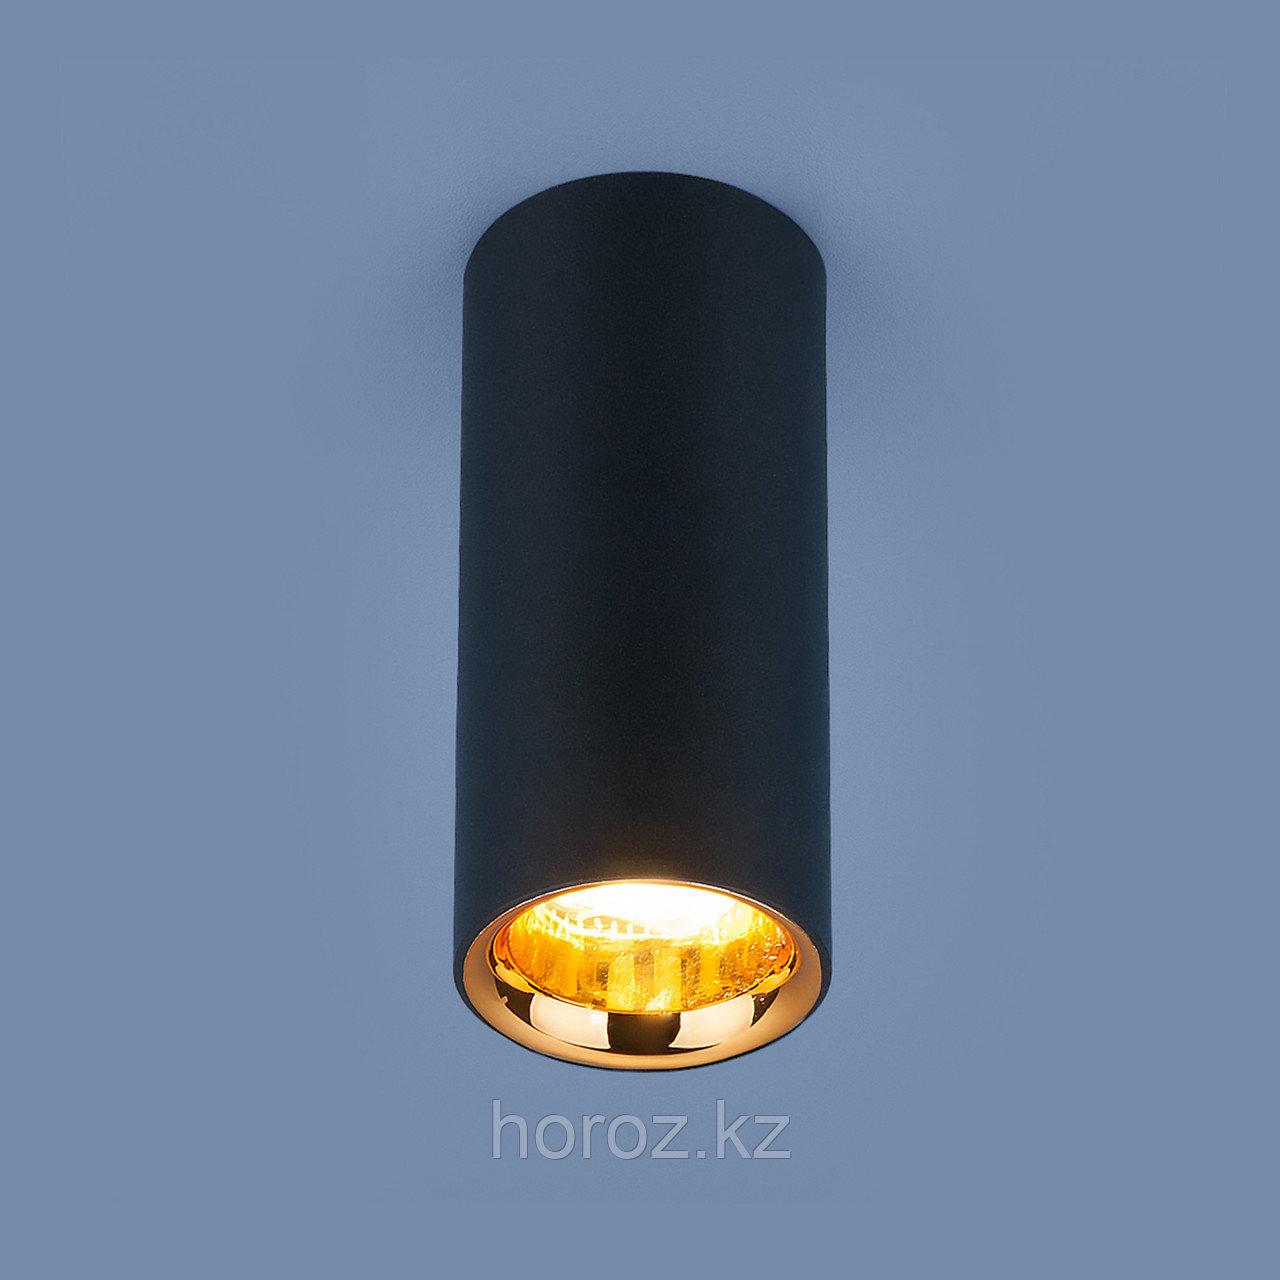 Накладной потолочный светодиодный светильник черный матовый/золото